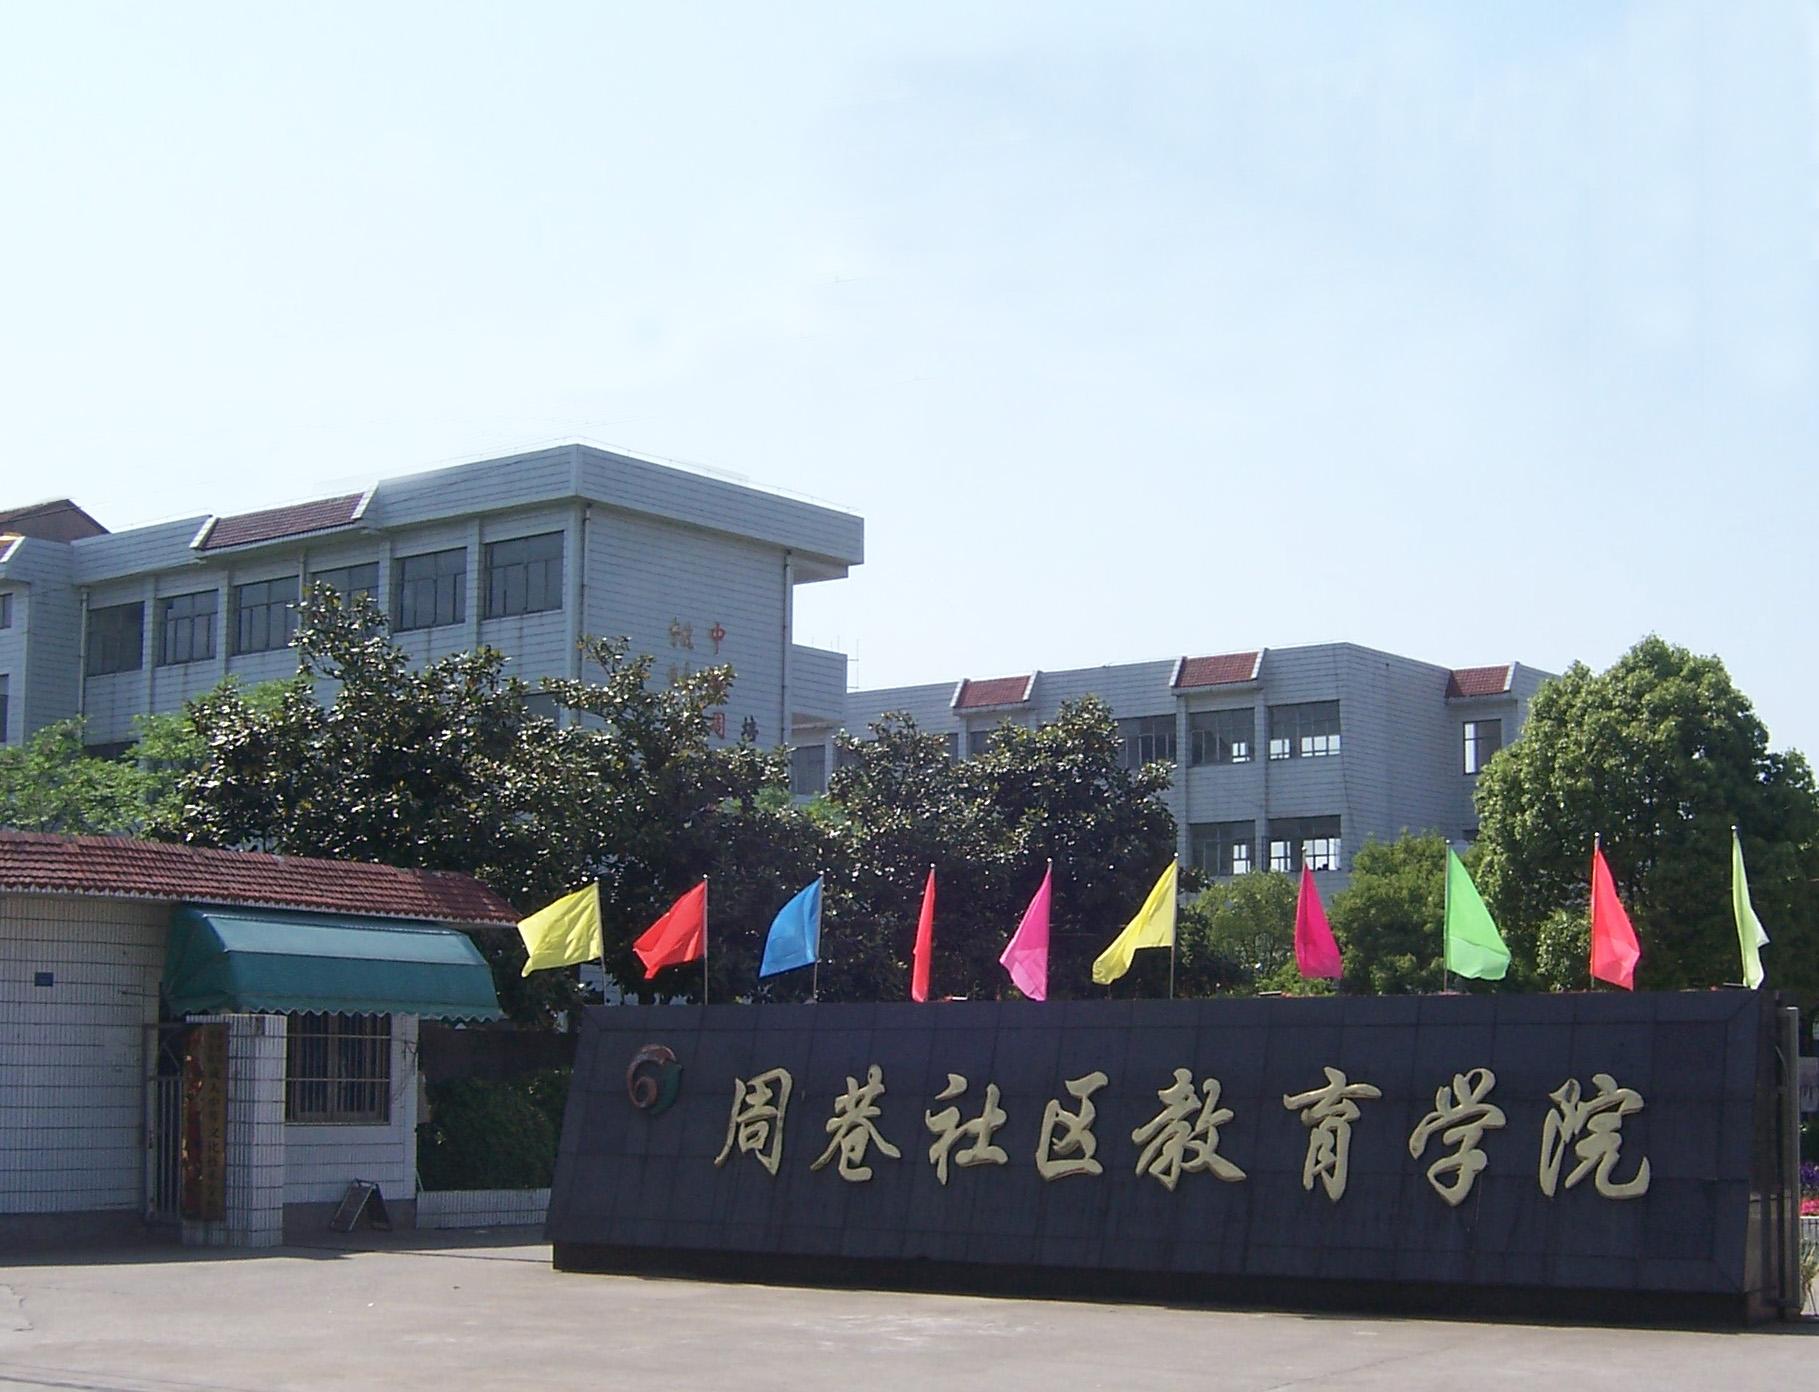 慈溪市周巷镇成人中等文化技术学校